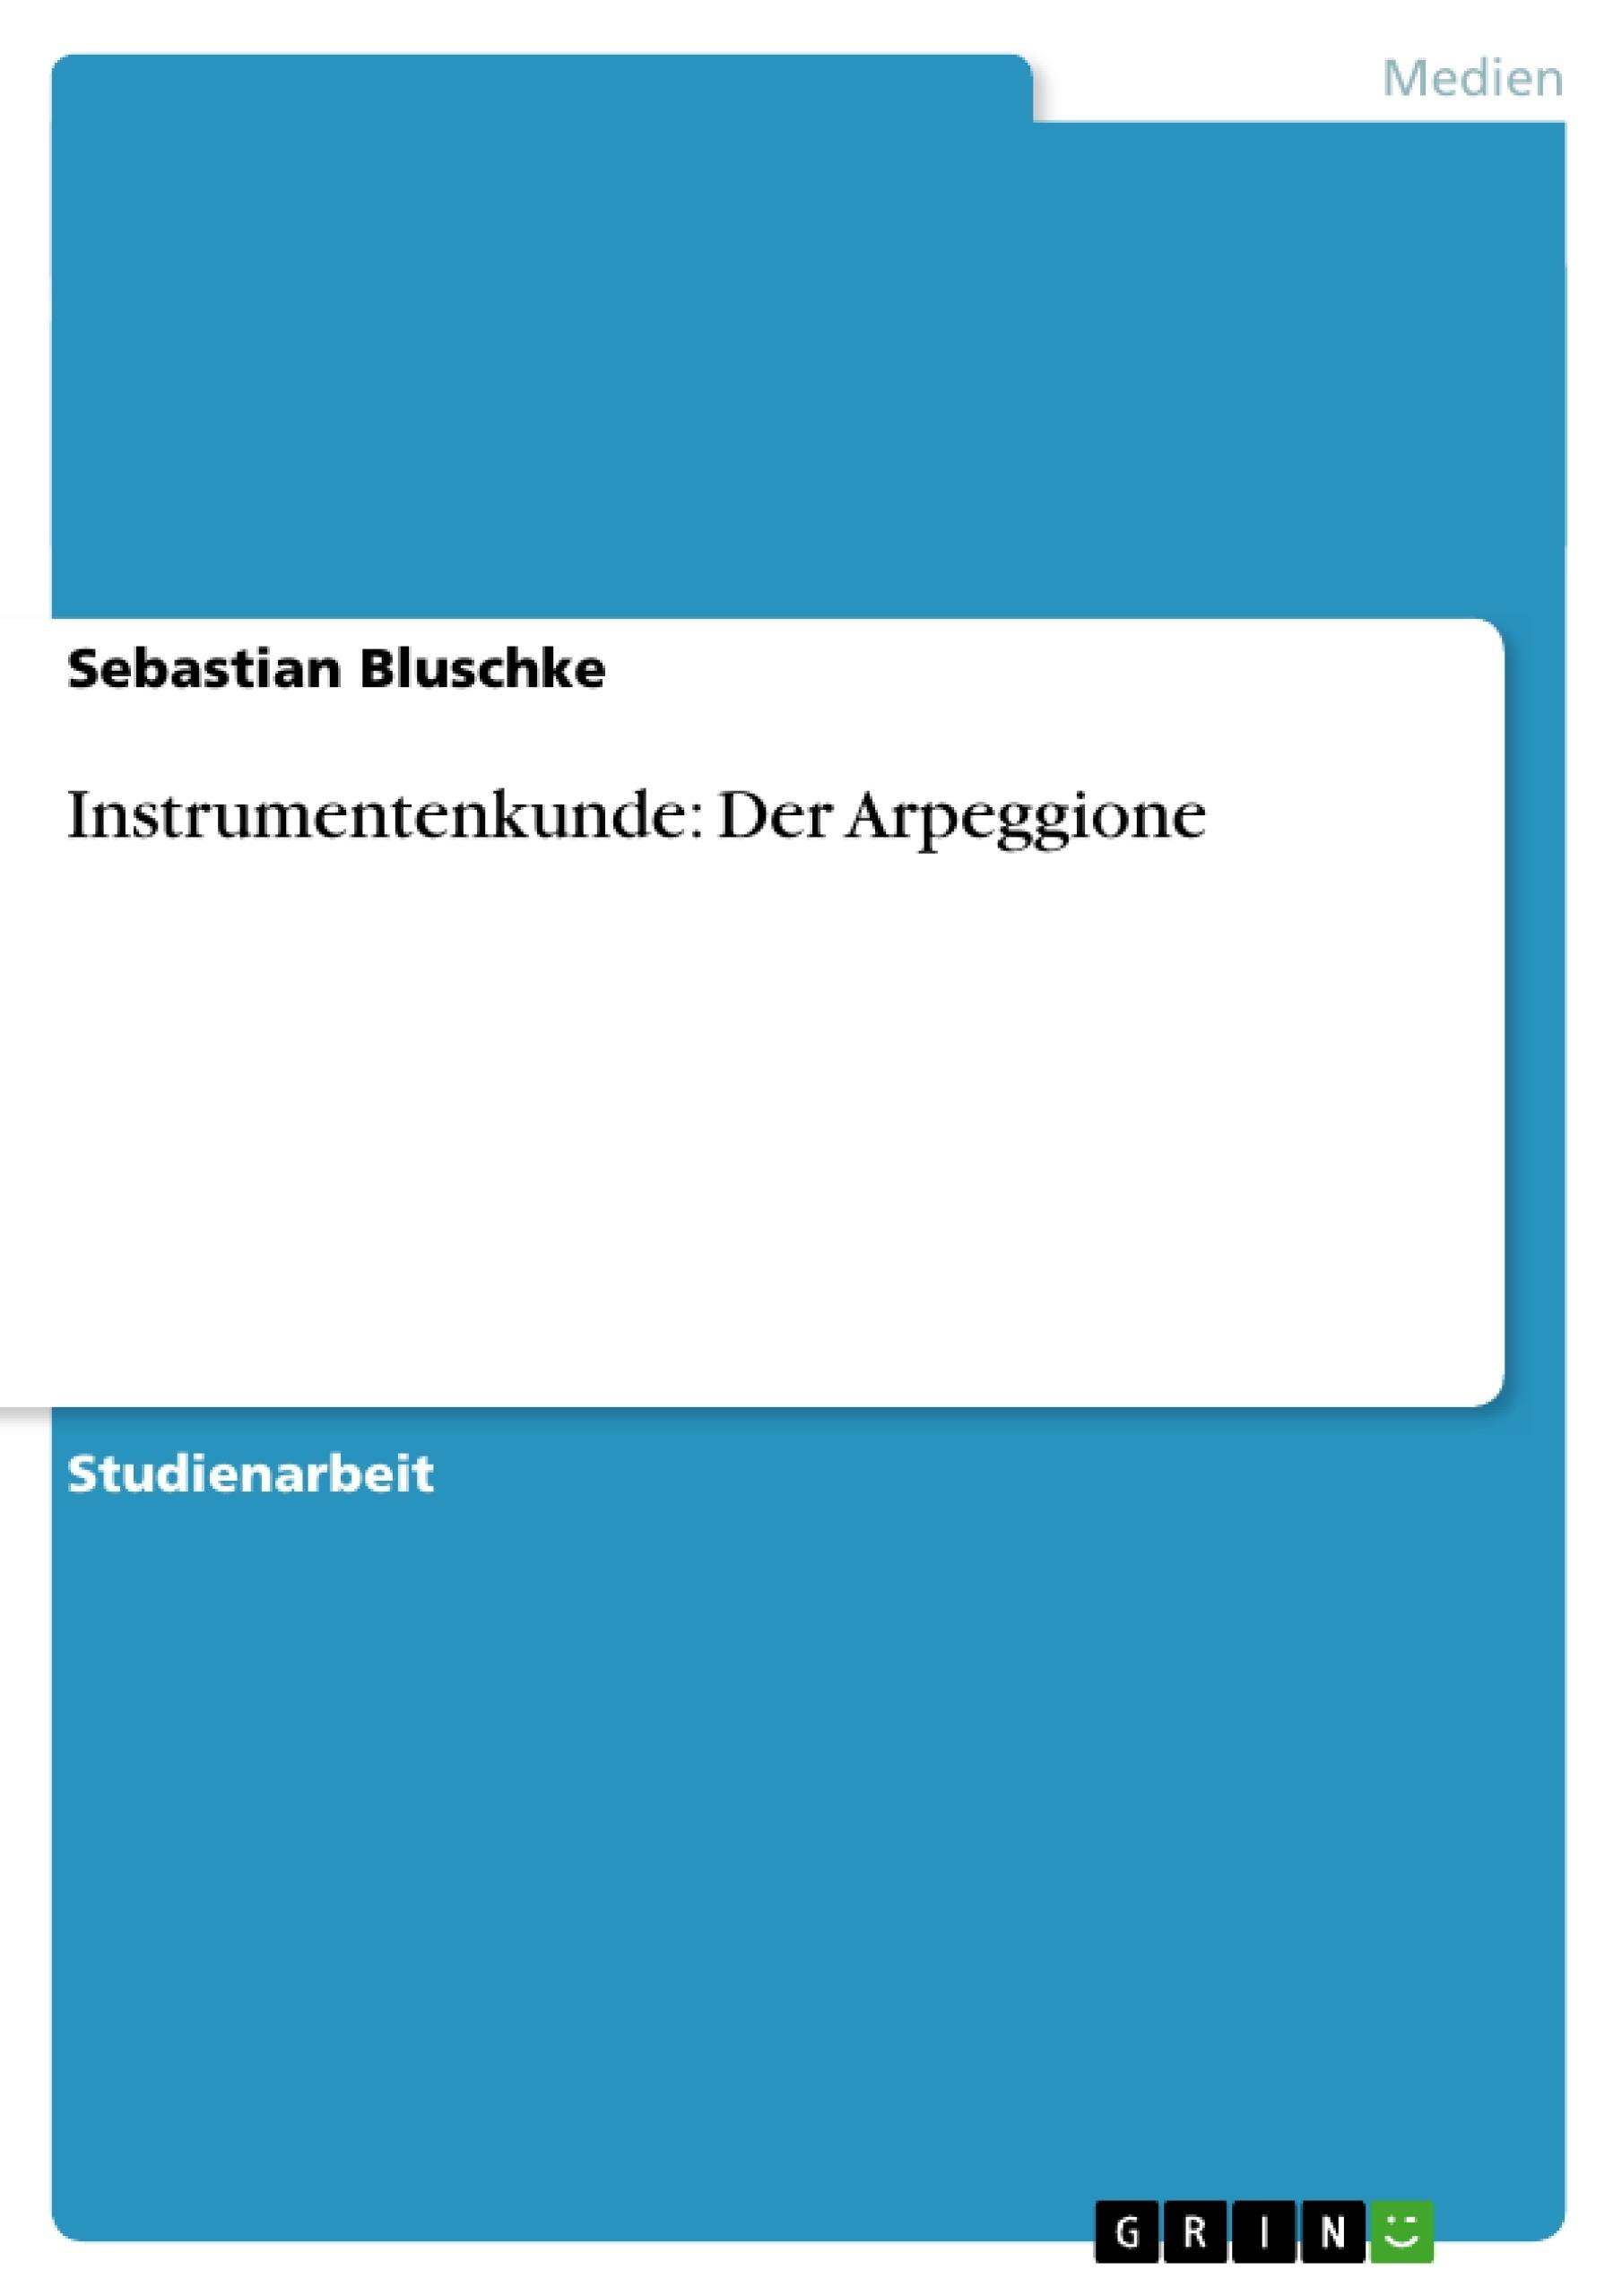 Instrumentenkunde: Der Arpeggione | Masterarbeit ...